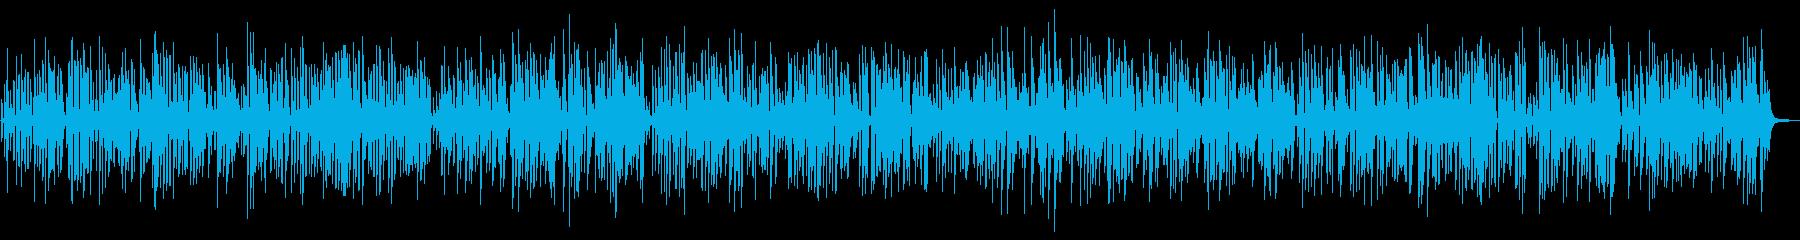 おしゃれ軽快クールなジャズピアノトリオの再生済みの波形